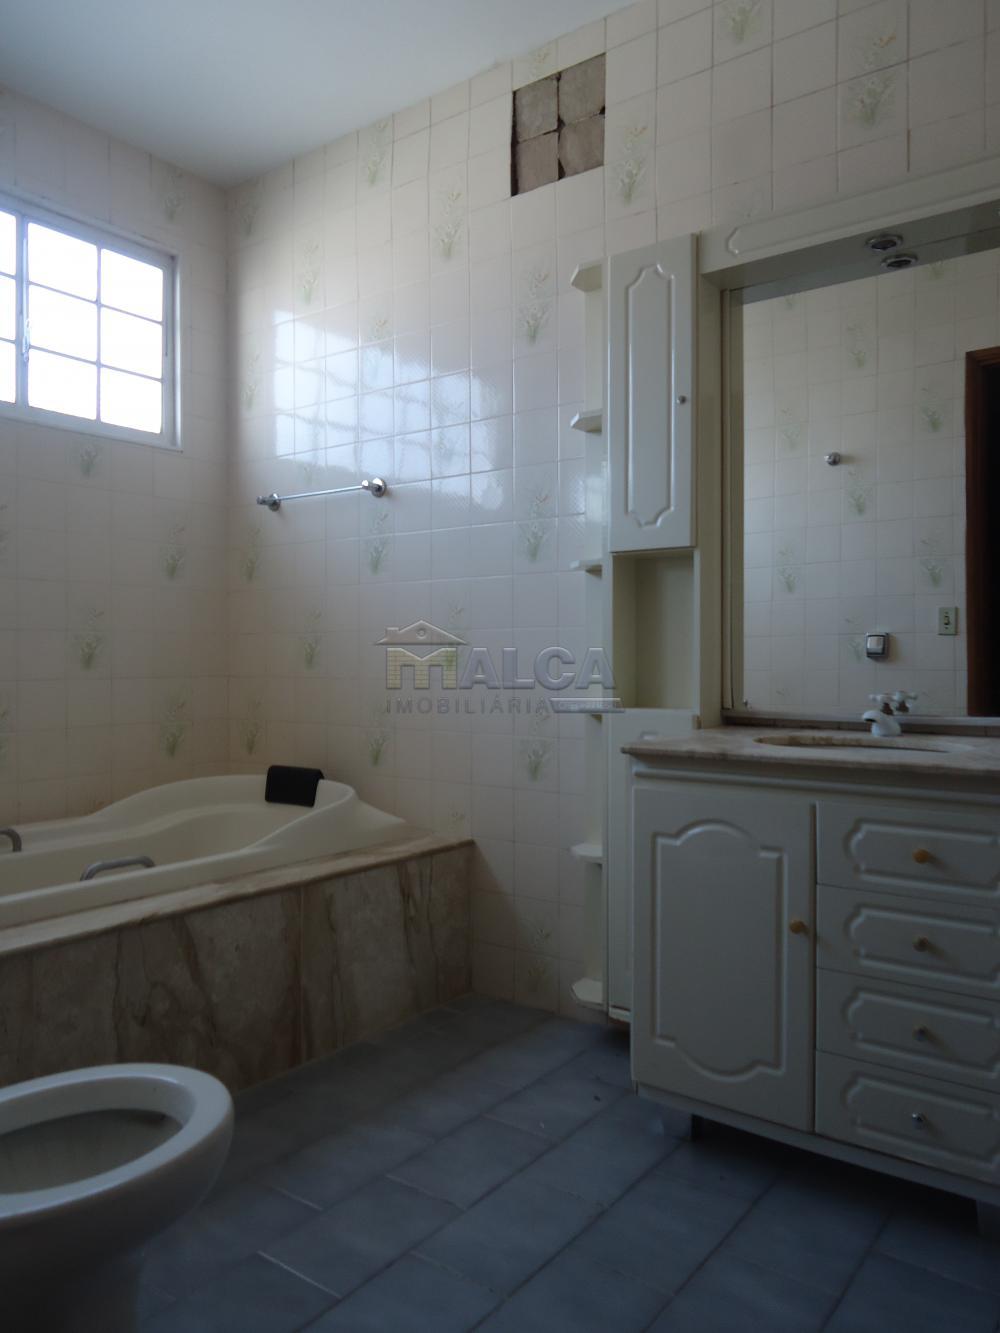 Alugar Casas / Padrão em São José do Rio Pardo R$ 1.300,00 - Foto 22